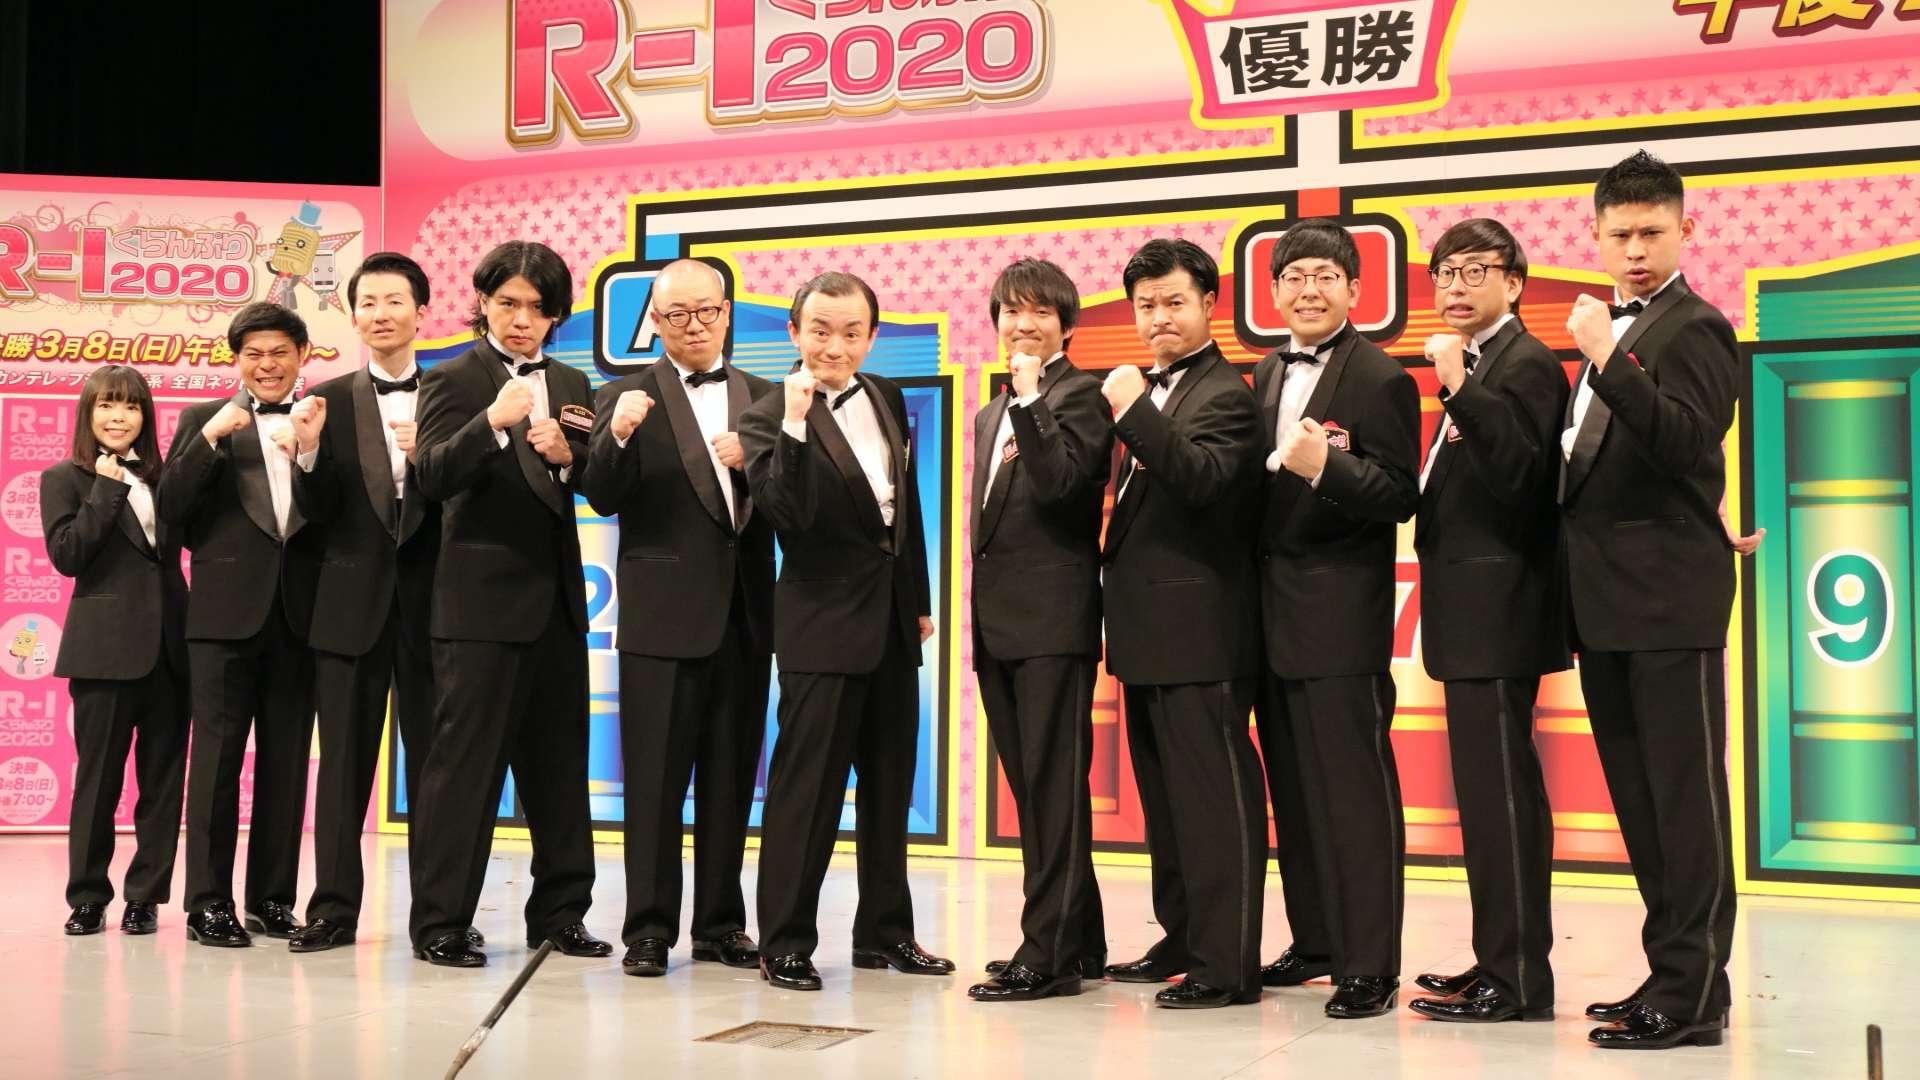 R-1ぐらんぷり2020